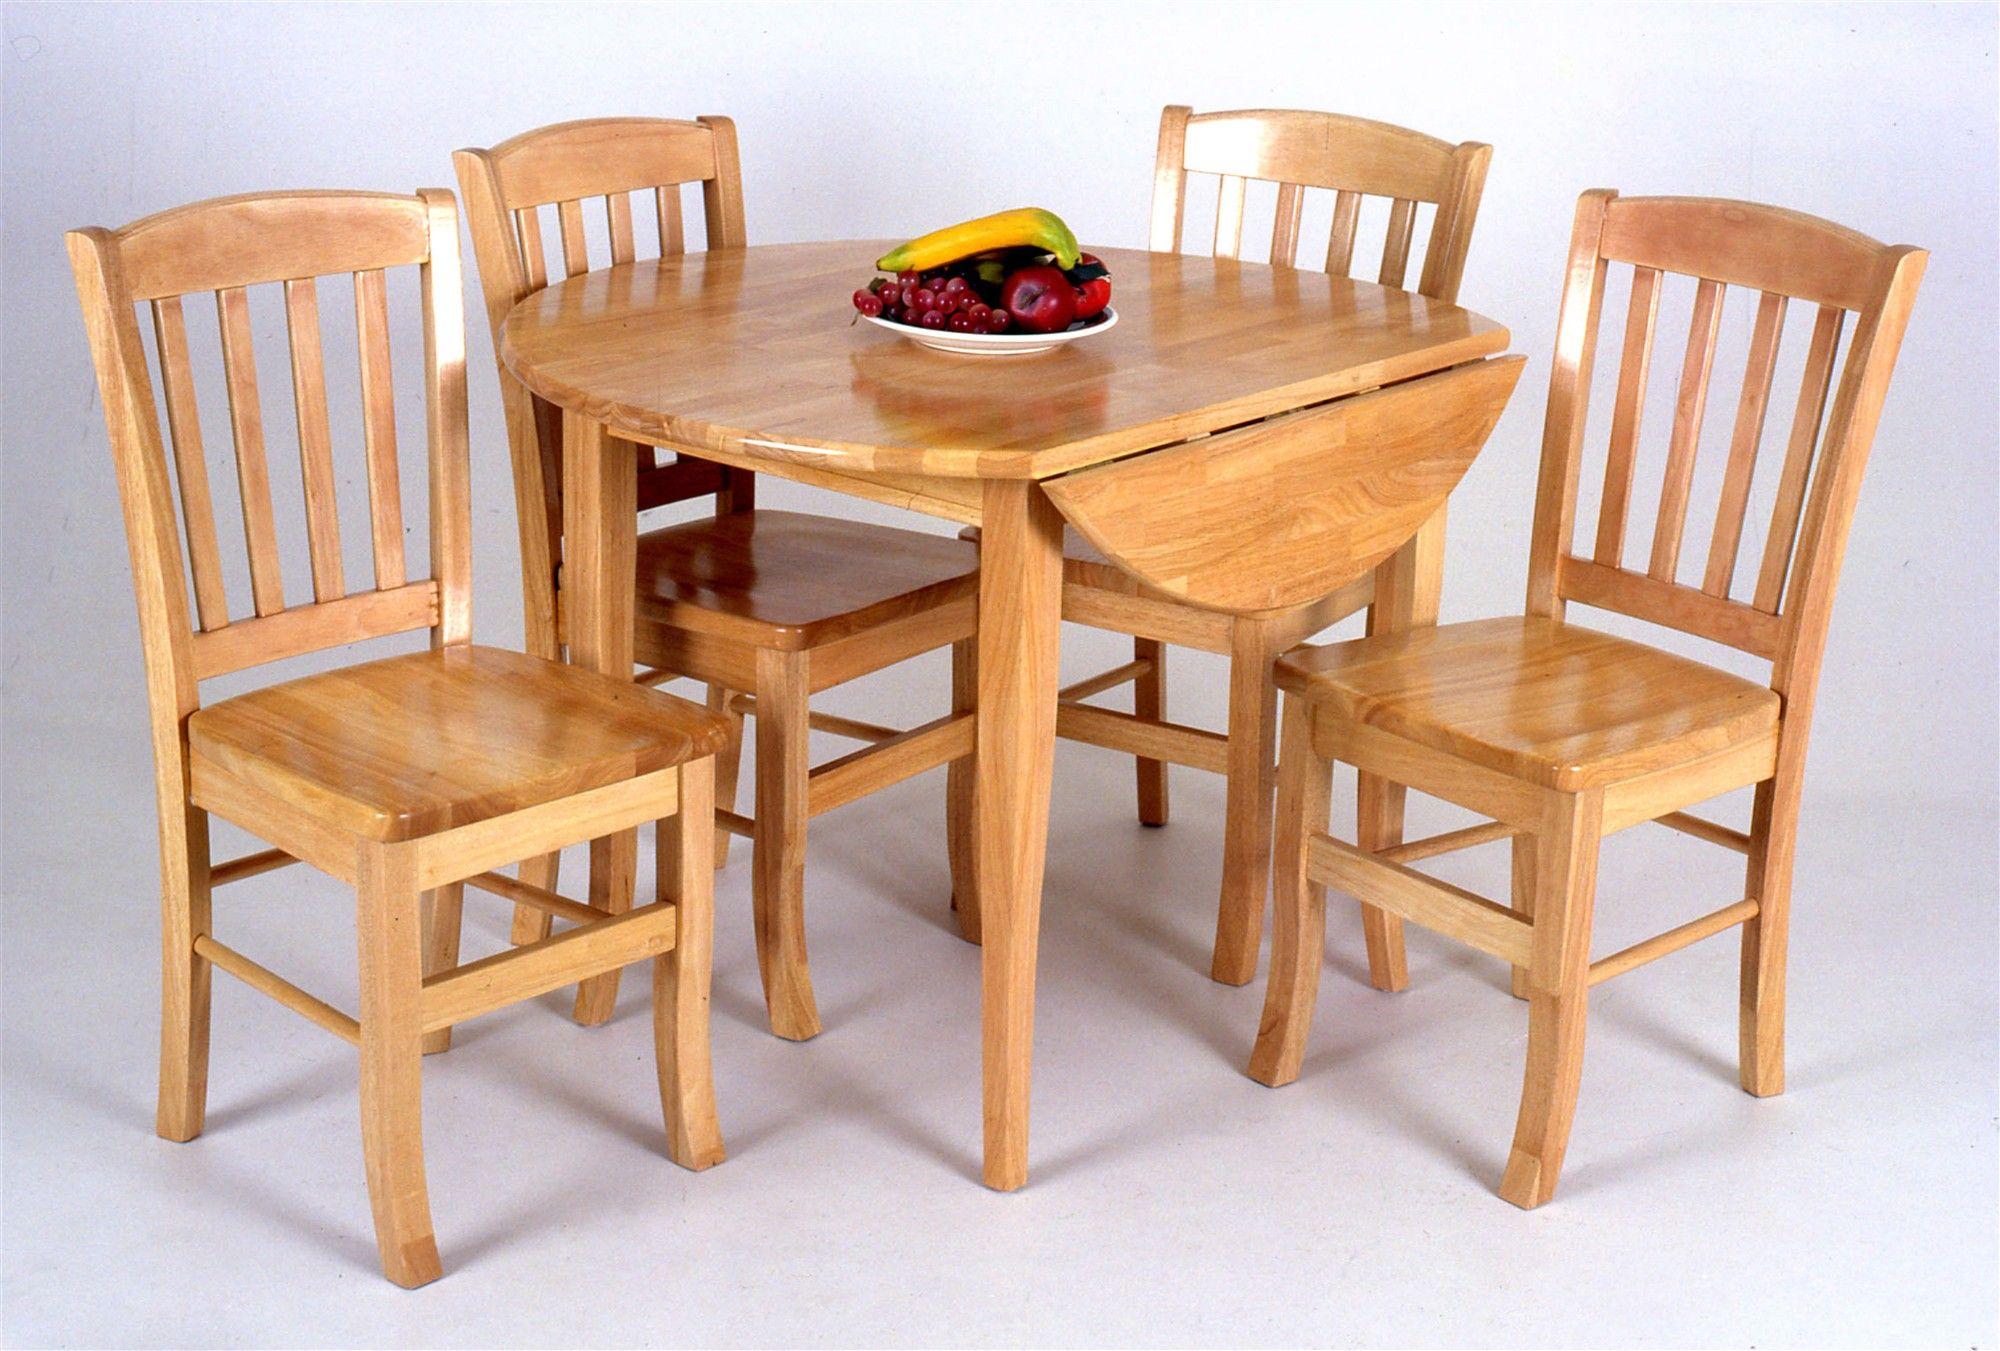 Oak Drop Leaf Dinette Sets Solid Wood Round Drop Leaf Table W Slat - Solid wood dinette table